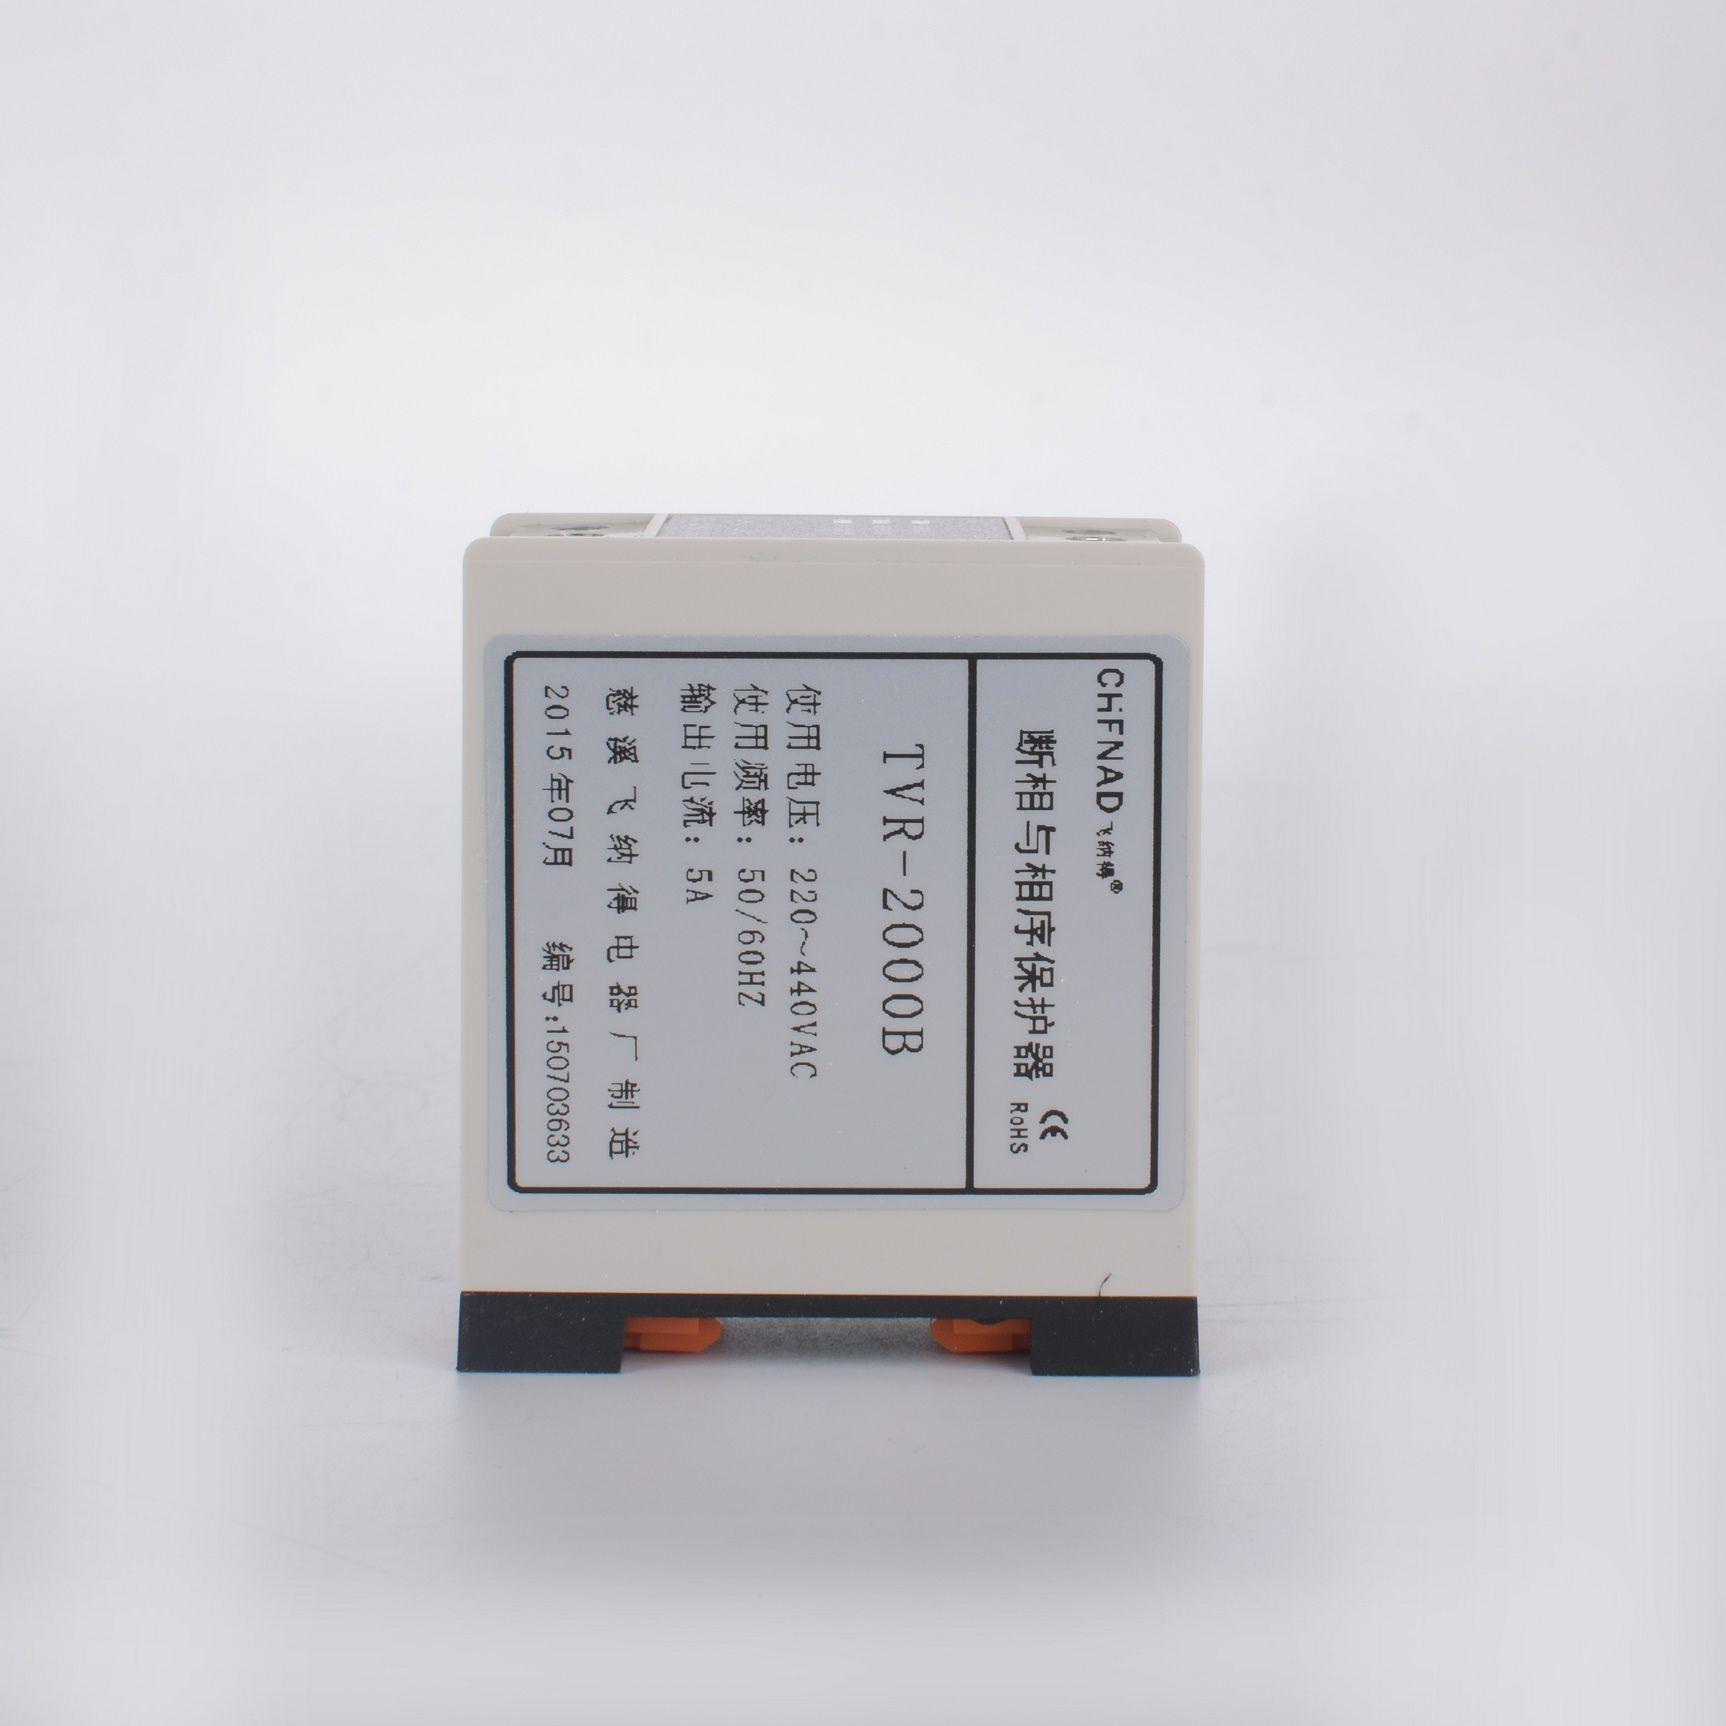 过流保护器 欠载保护器使用的注意要领 TVR-2000B 飞纳得